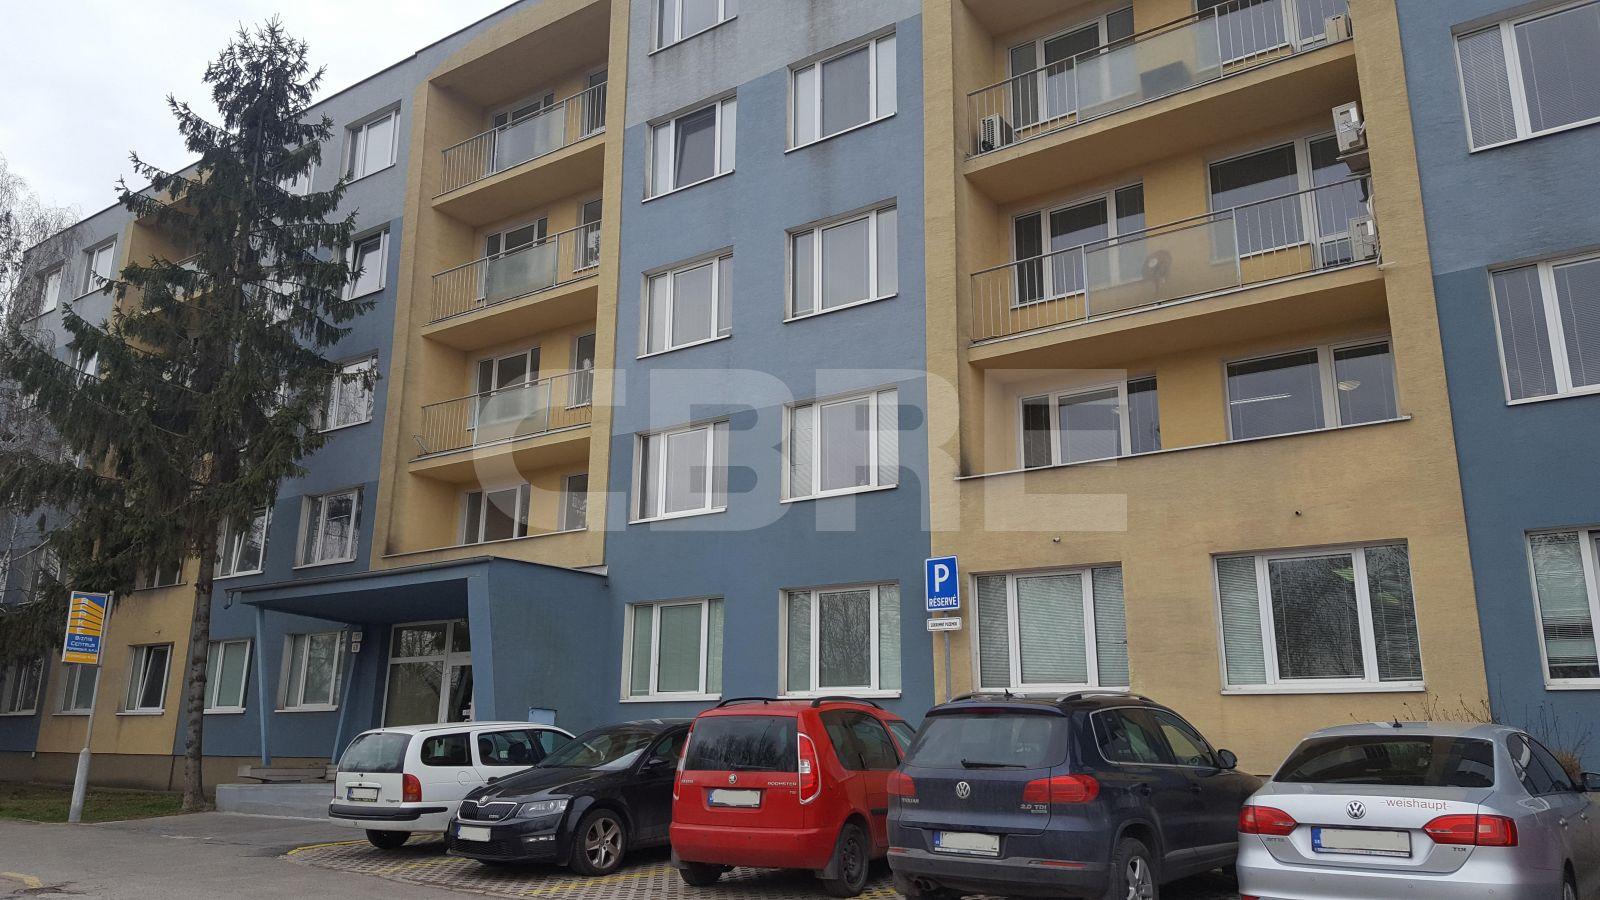 Podnikateľské centrum ŠKOLPO, Košice, Košice - Staré Mesto | Prenájom kancelárií od CBRE | 1